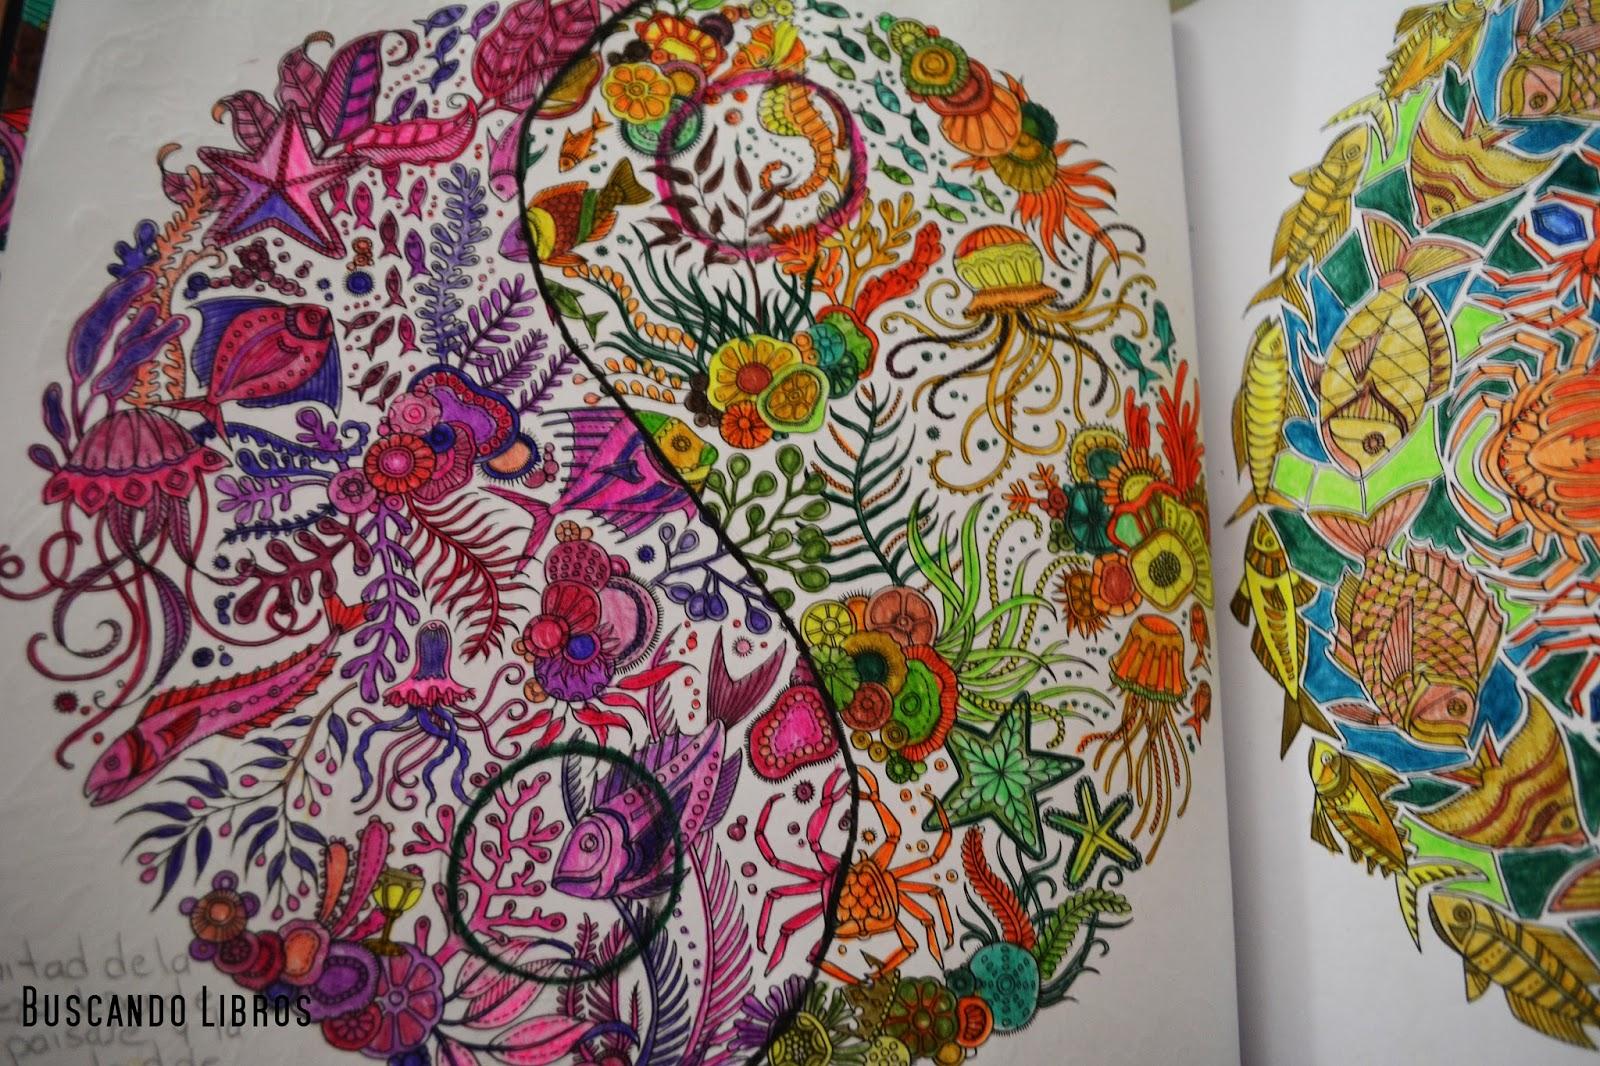 RESEÑA | EL OCÉANO PERDIDO, JOHANNA BASFORD ~ Buscando libros